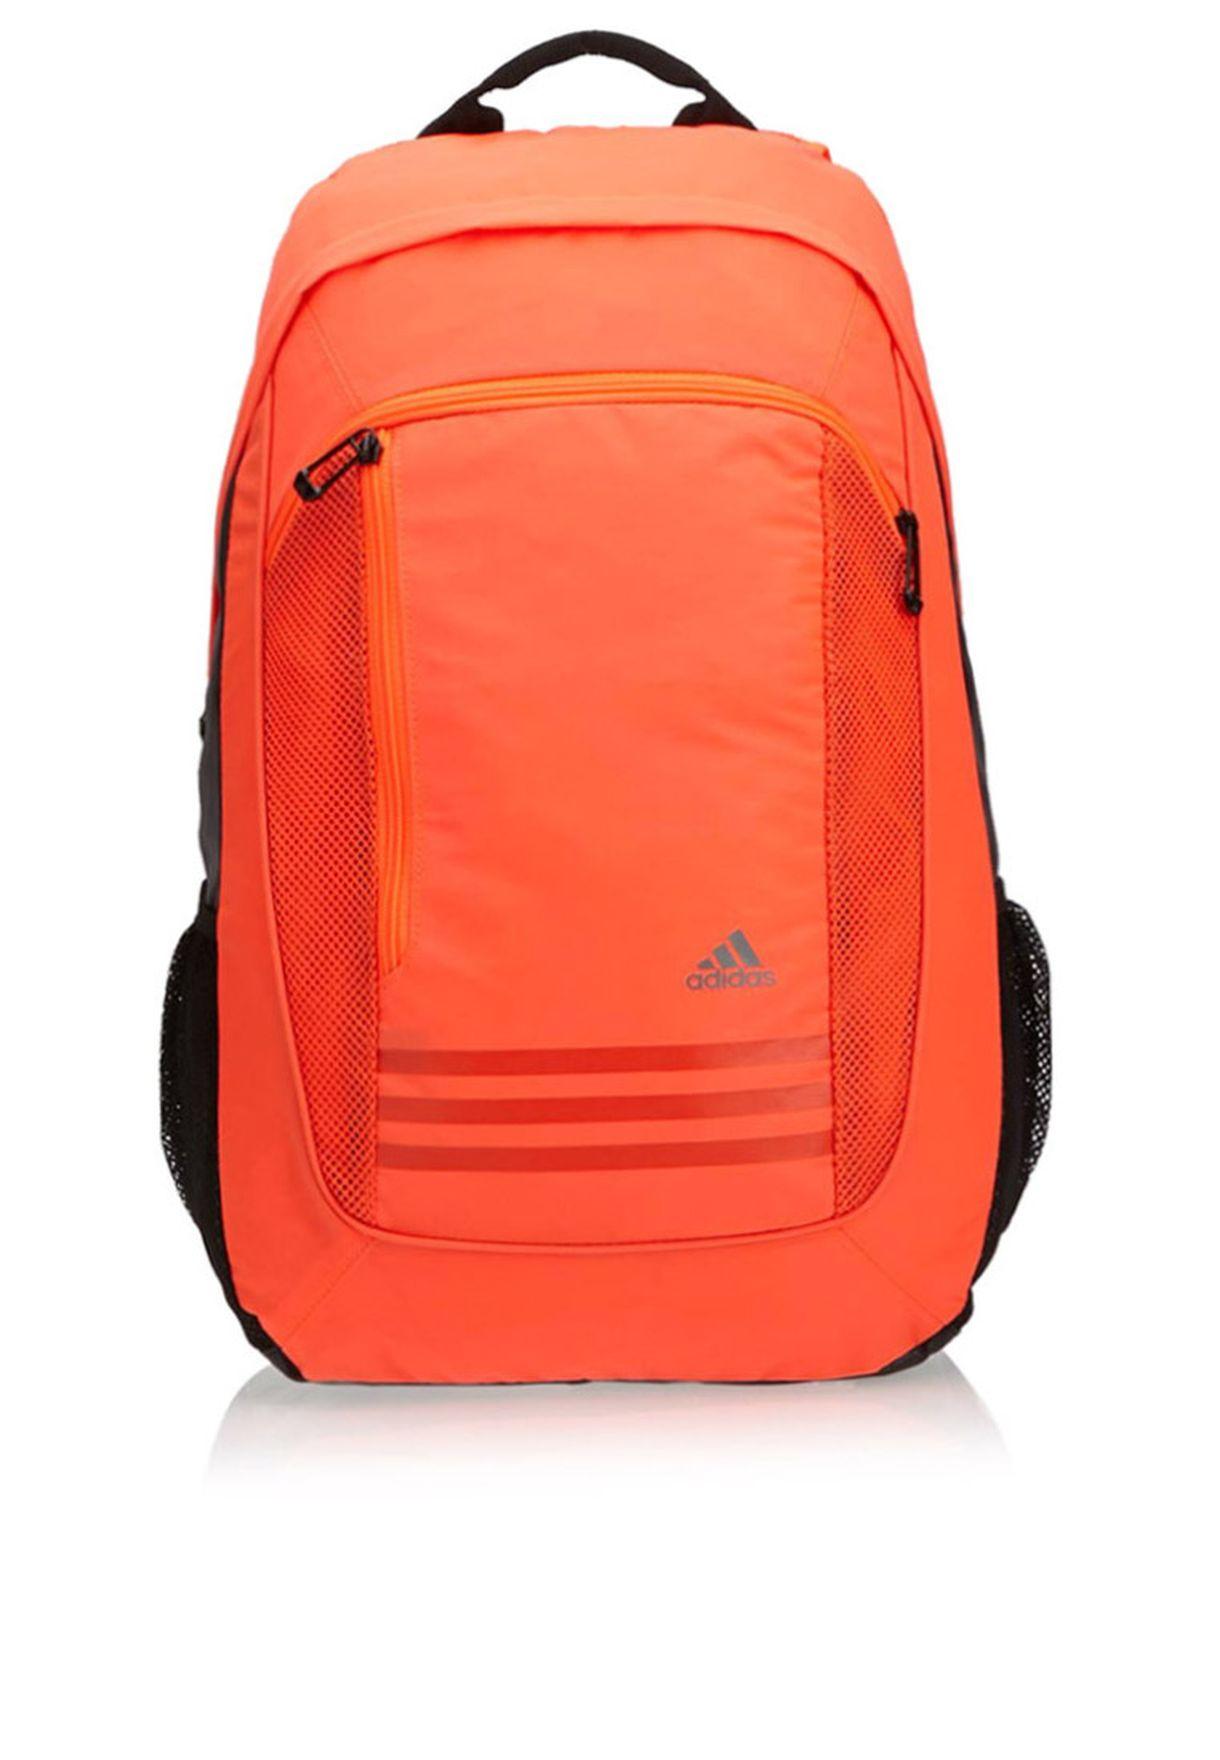 2f6b27cfed7a Shop adidas orange Clima Backpack M66123 for Men in Qatar - AD476AC73RQO